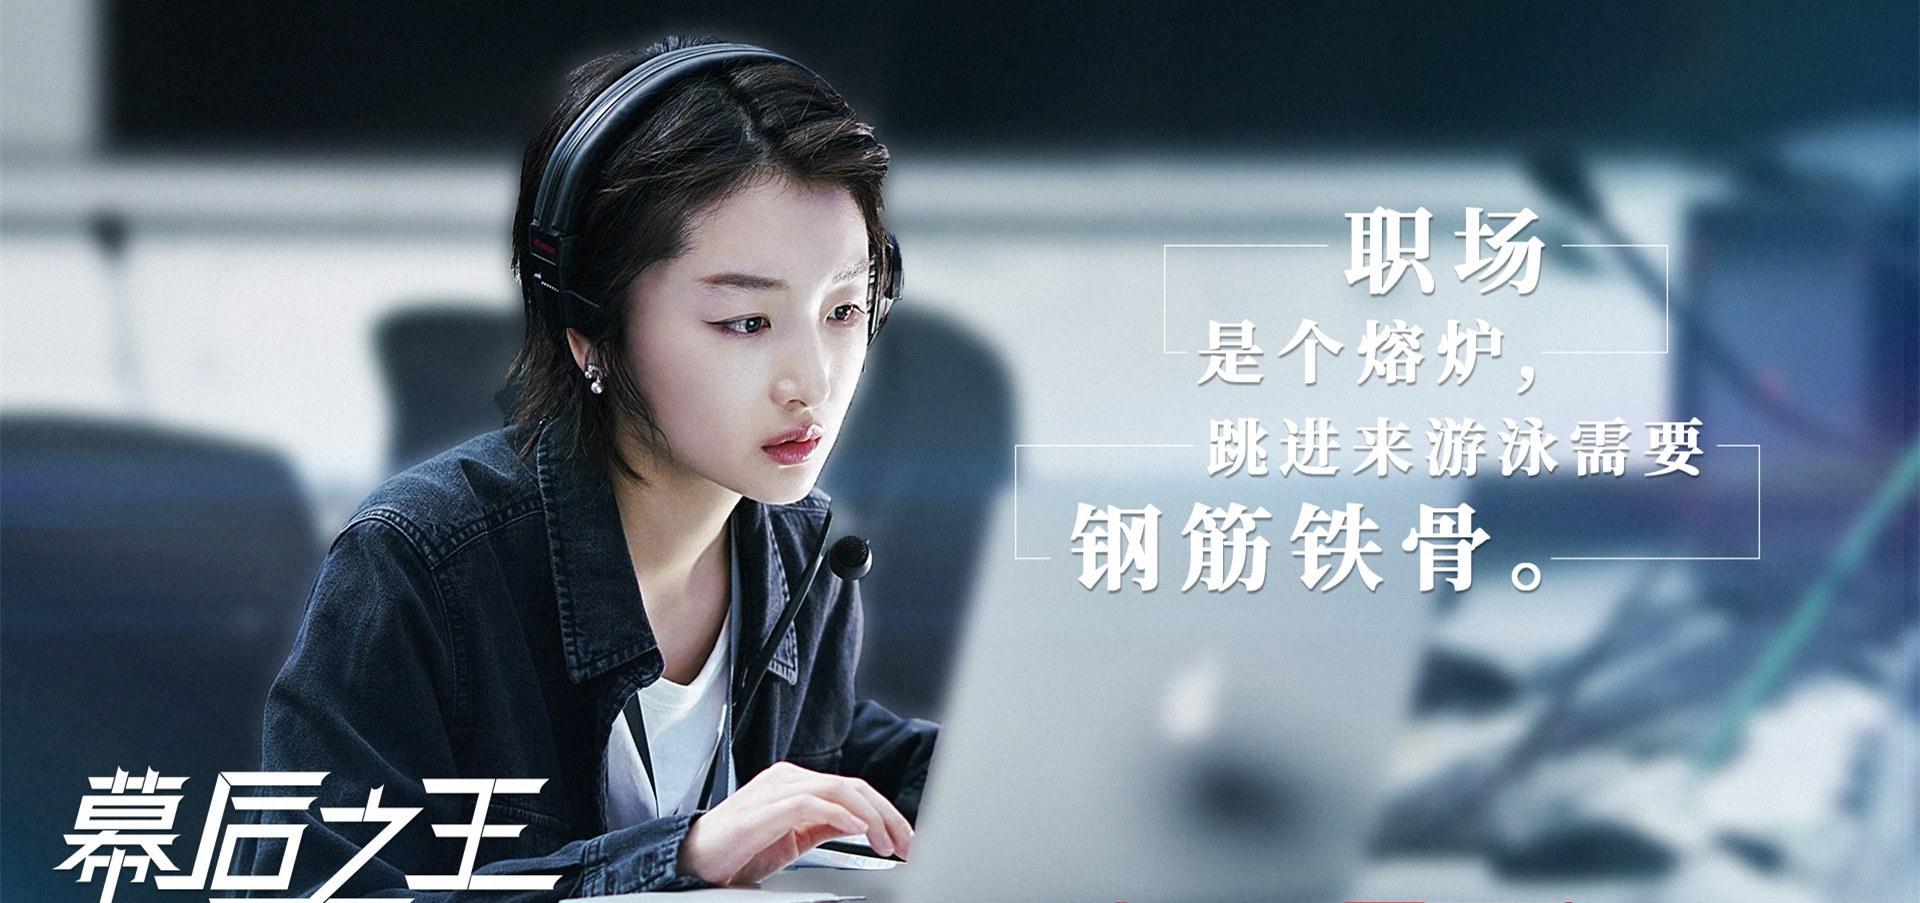 一月观剧:赵丽颖冯绍峰新婚携新剧知否上线与罗晋唐嫣上演荧屏混